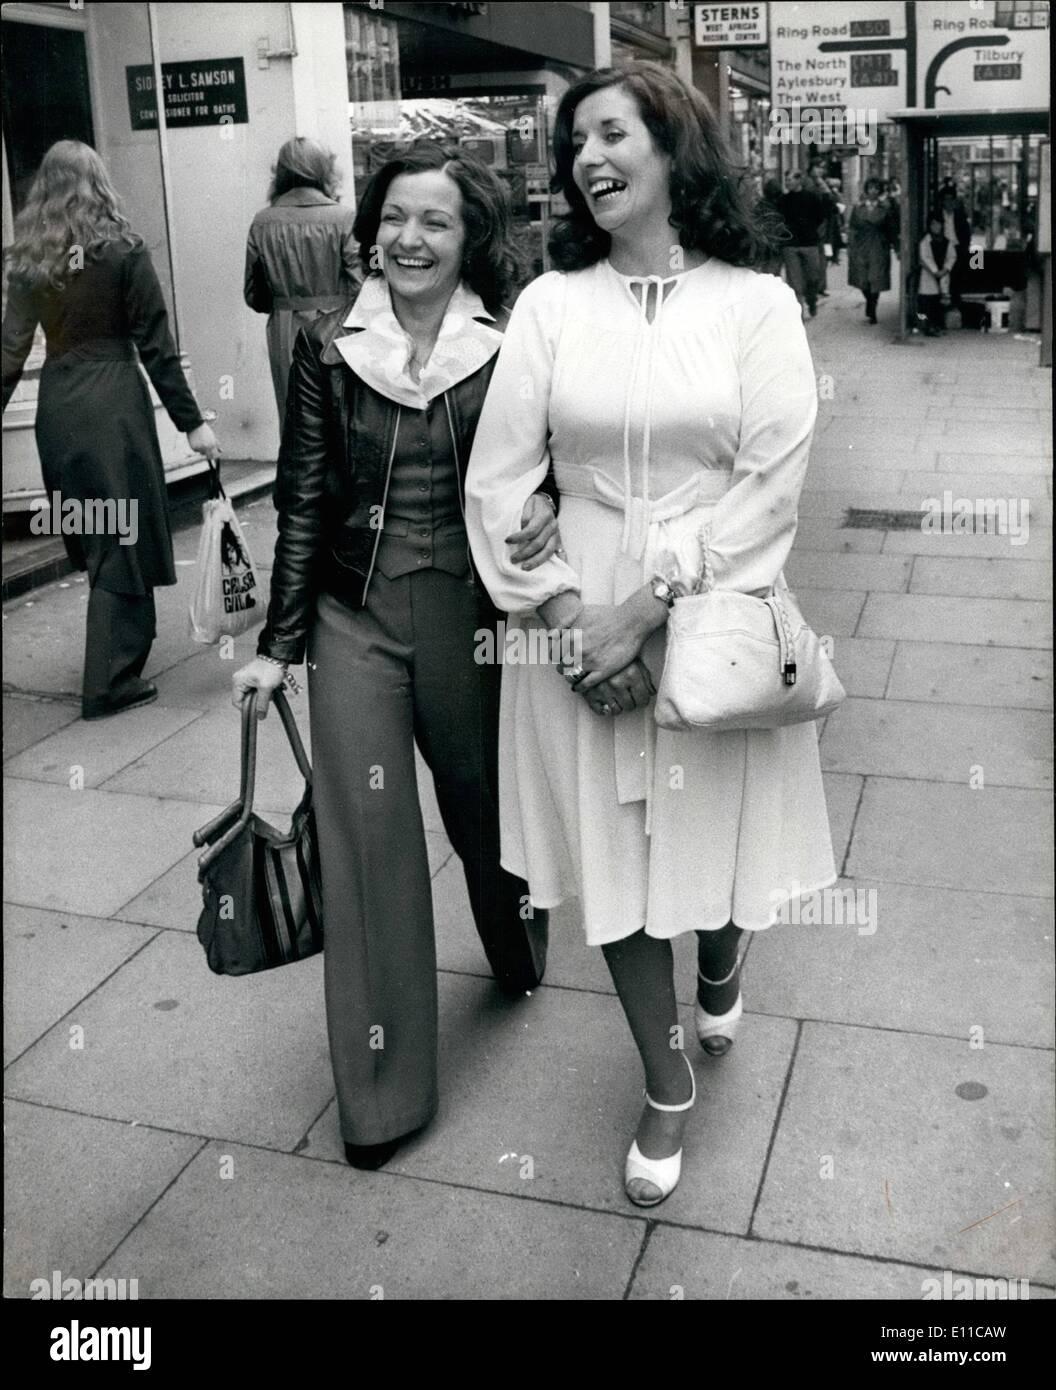 Septembre 09, 1976 - femmes leaders du mouvement Gens de Paix à Belfast aller faire du shopping dans le West end: Betty Williams et Maired Corrigan, les architectes en chef du mouvement de la paix nouvellement formé à Belfast- étaient ensemble pour la première fois à Londres aujourd'hui, une interview exclusive on Thames Television pour parler de leurs tentatives de mettre un terme aux sept années de violance qui a fait havec dans leur patrie. Après l'entrevue, ils sont allés dans les magasins du West end, et ils ont dit combien il était agréable de gos dans et hors de la boutique sans être fouillé beaucoup de temps Photo Stock